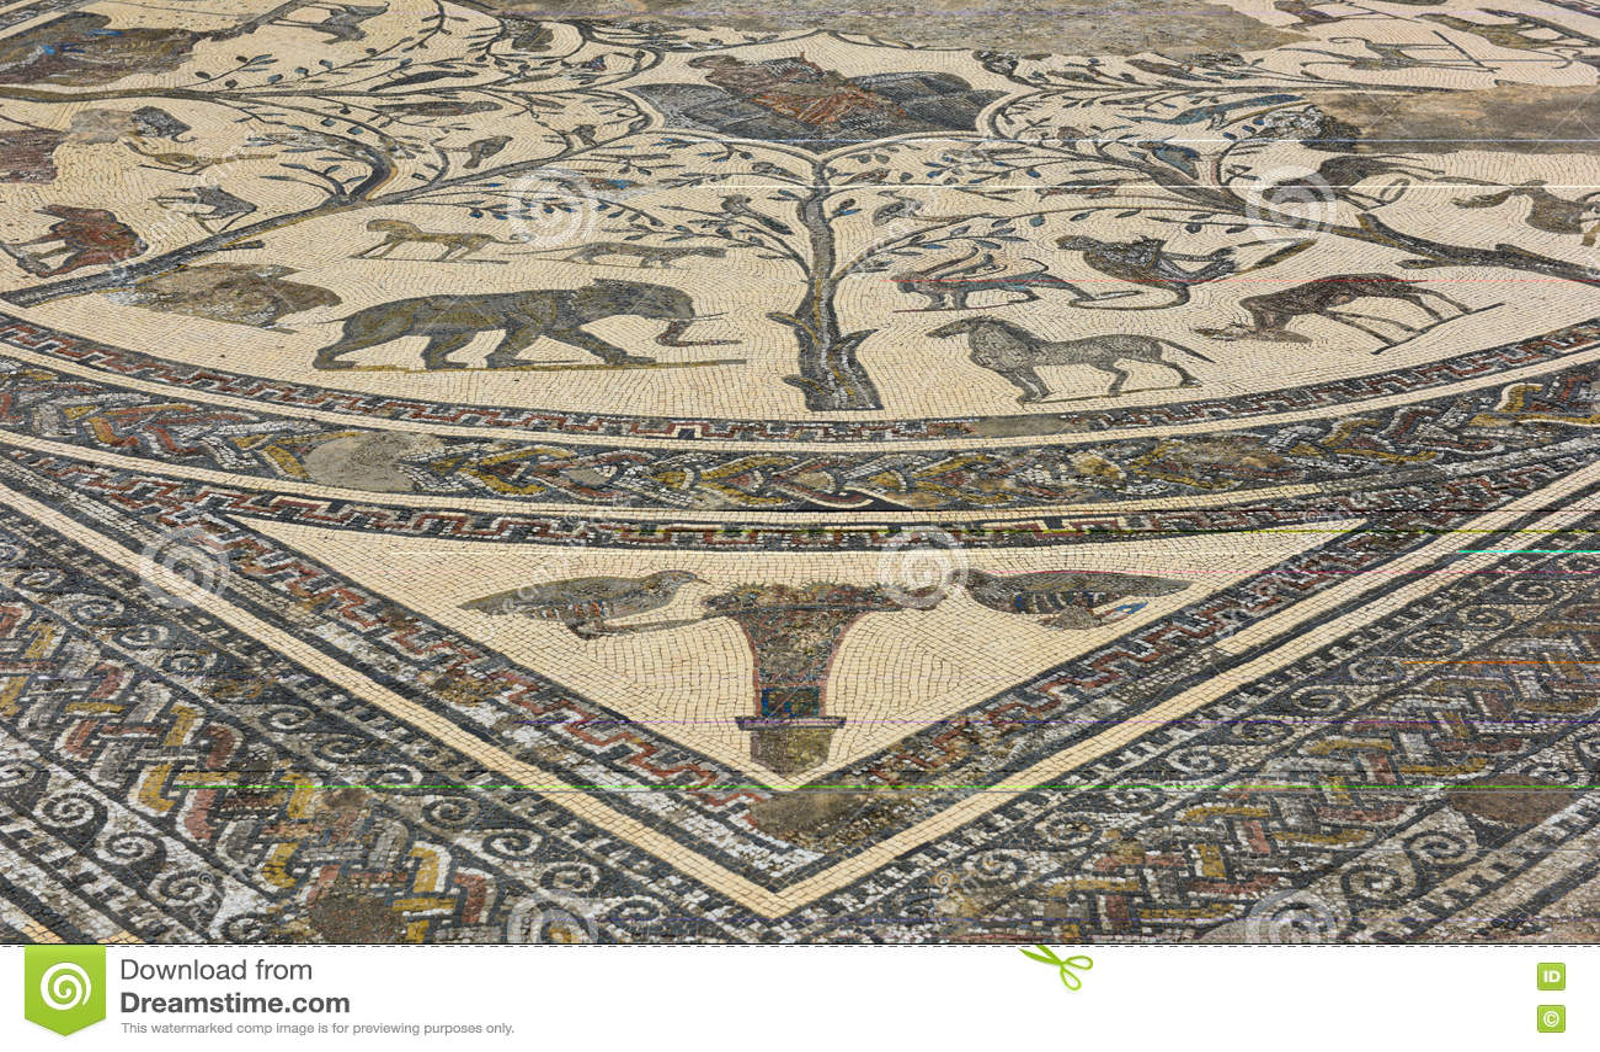 Rovine romane a volubilus marocco immagine stock immagine di